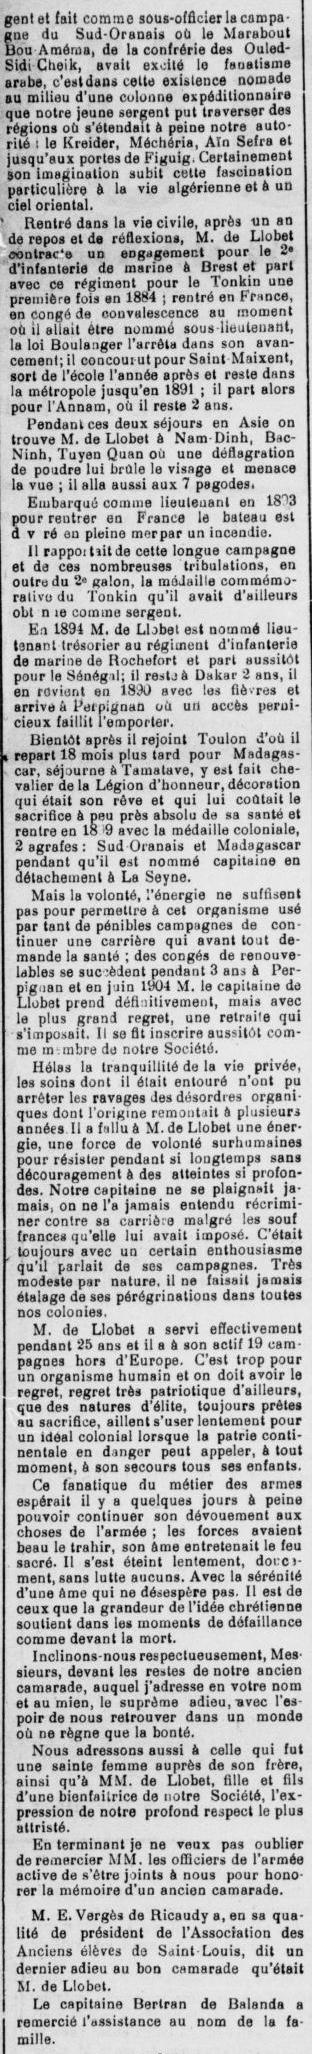 Le Roussillon 1905 10 08